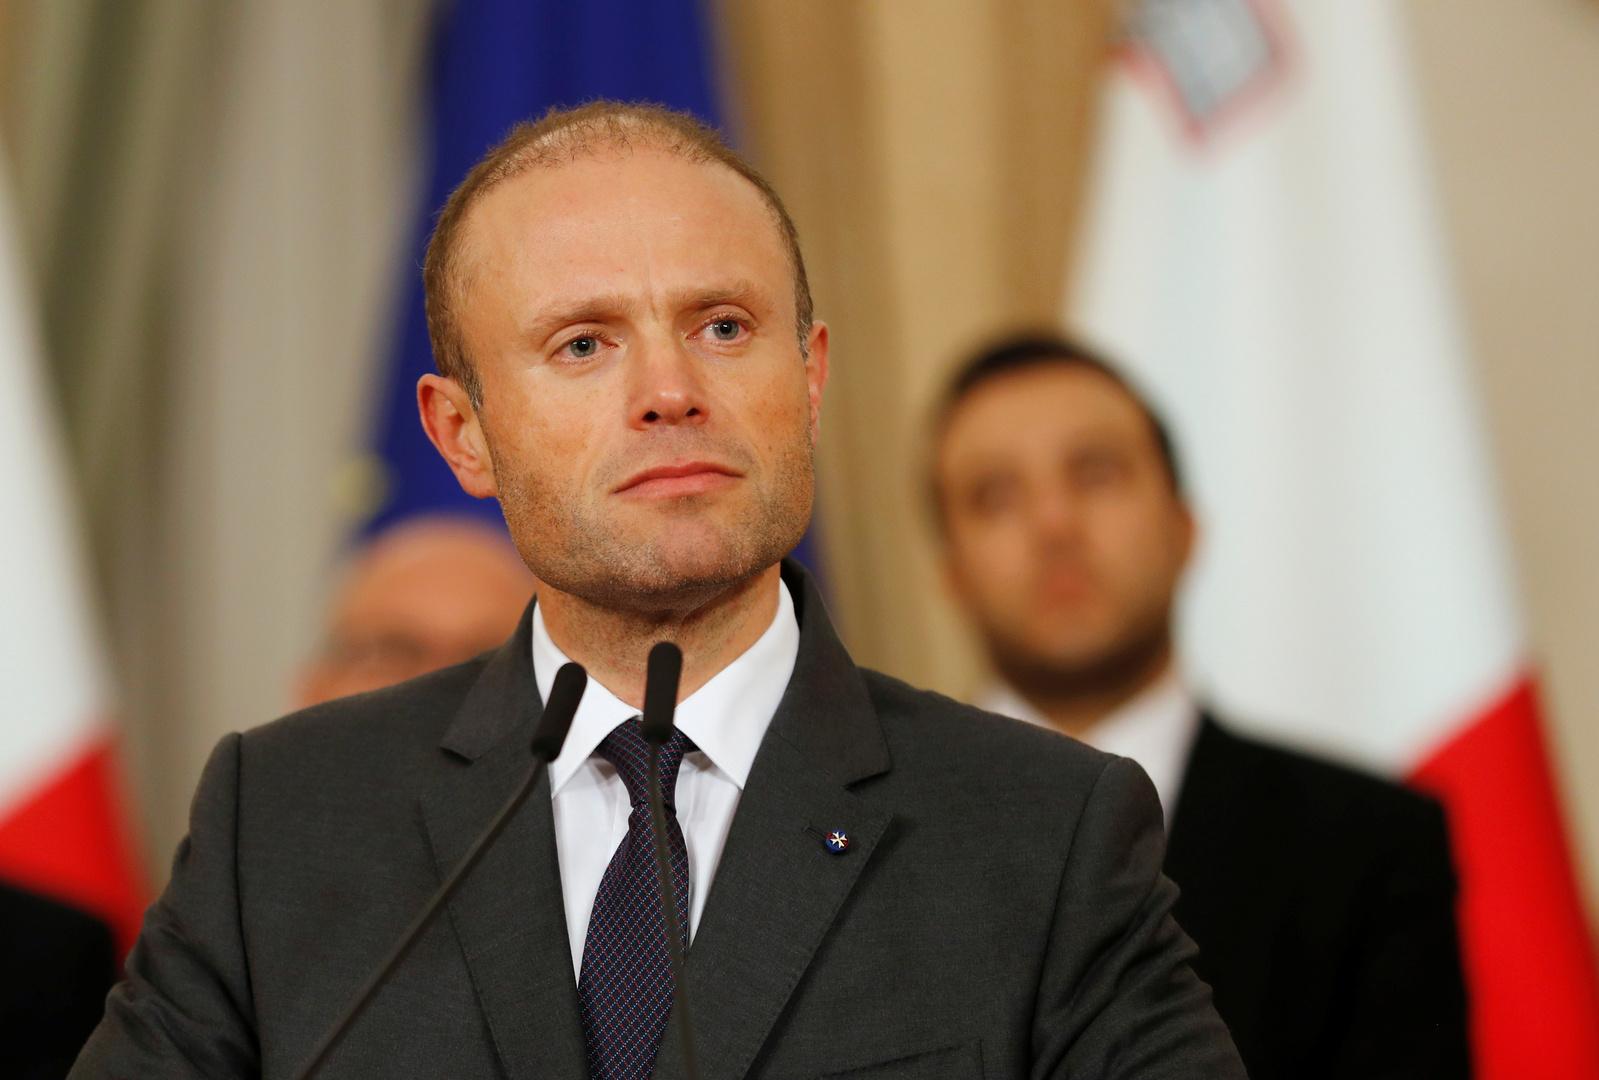 توقعات باستقالة رئيس وزراء مالطا بسبب أزمة اغتيال صحفية